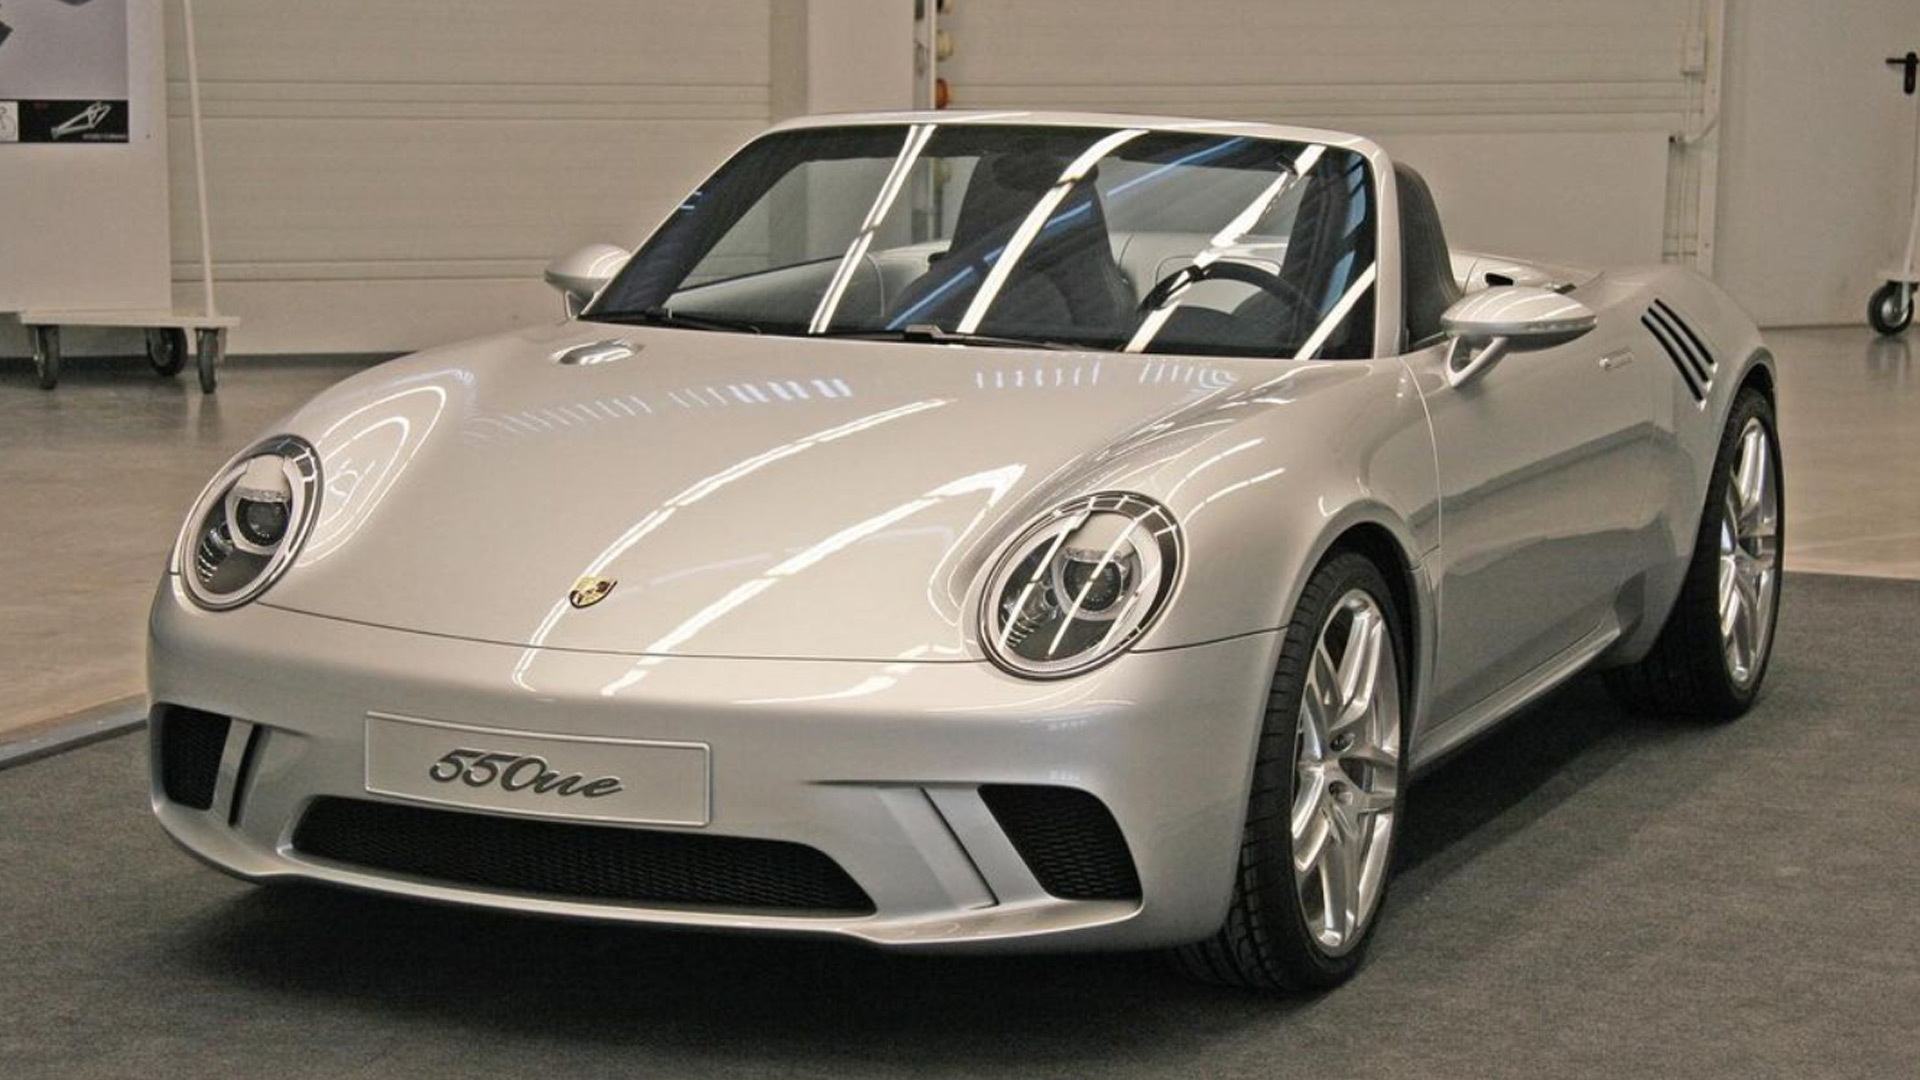 Porsche 550 One concept - Photo credit: Walter de Silva/Instagram